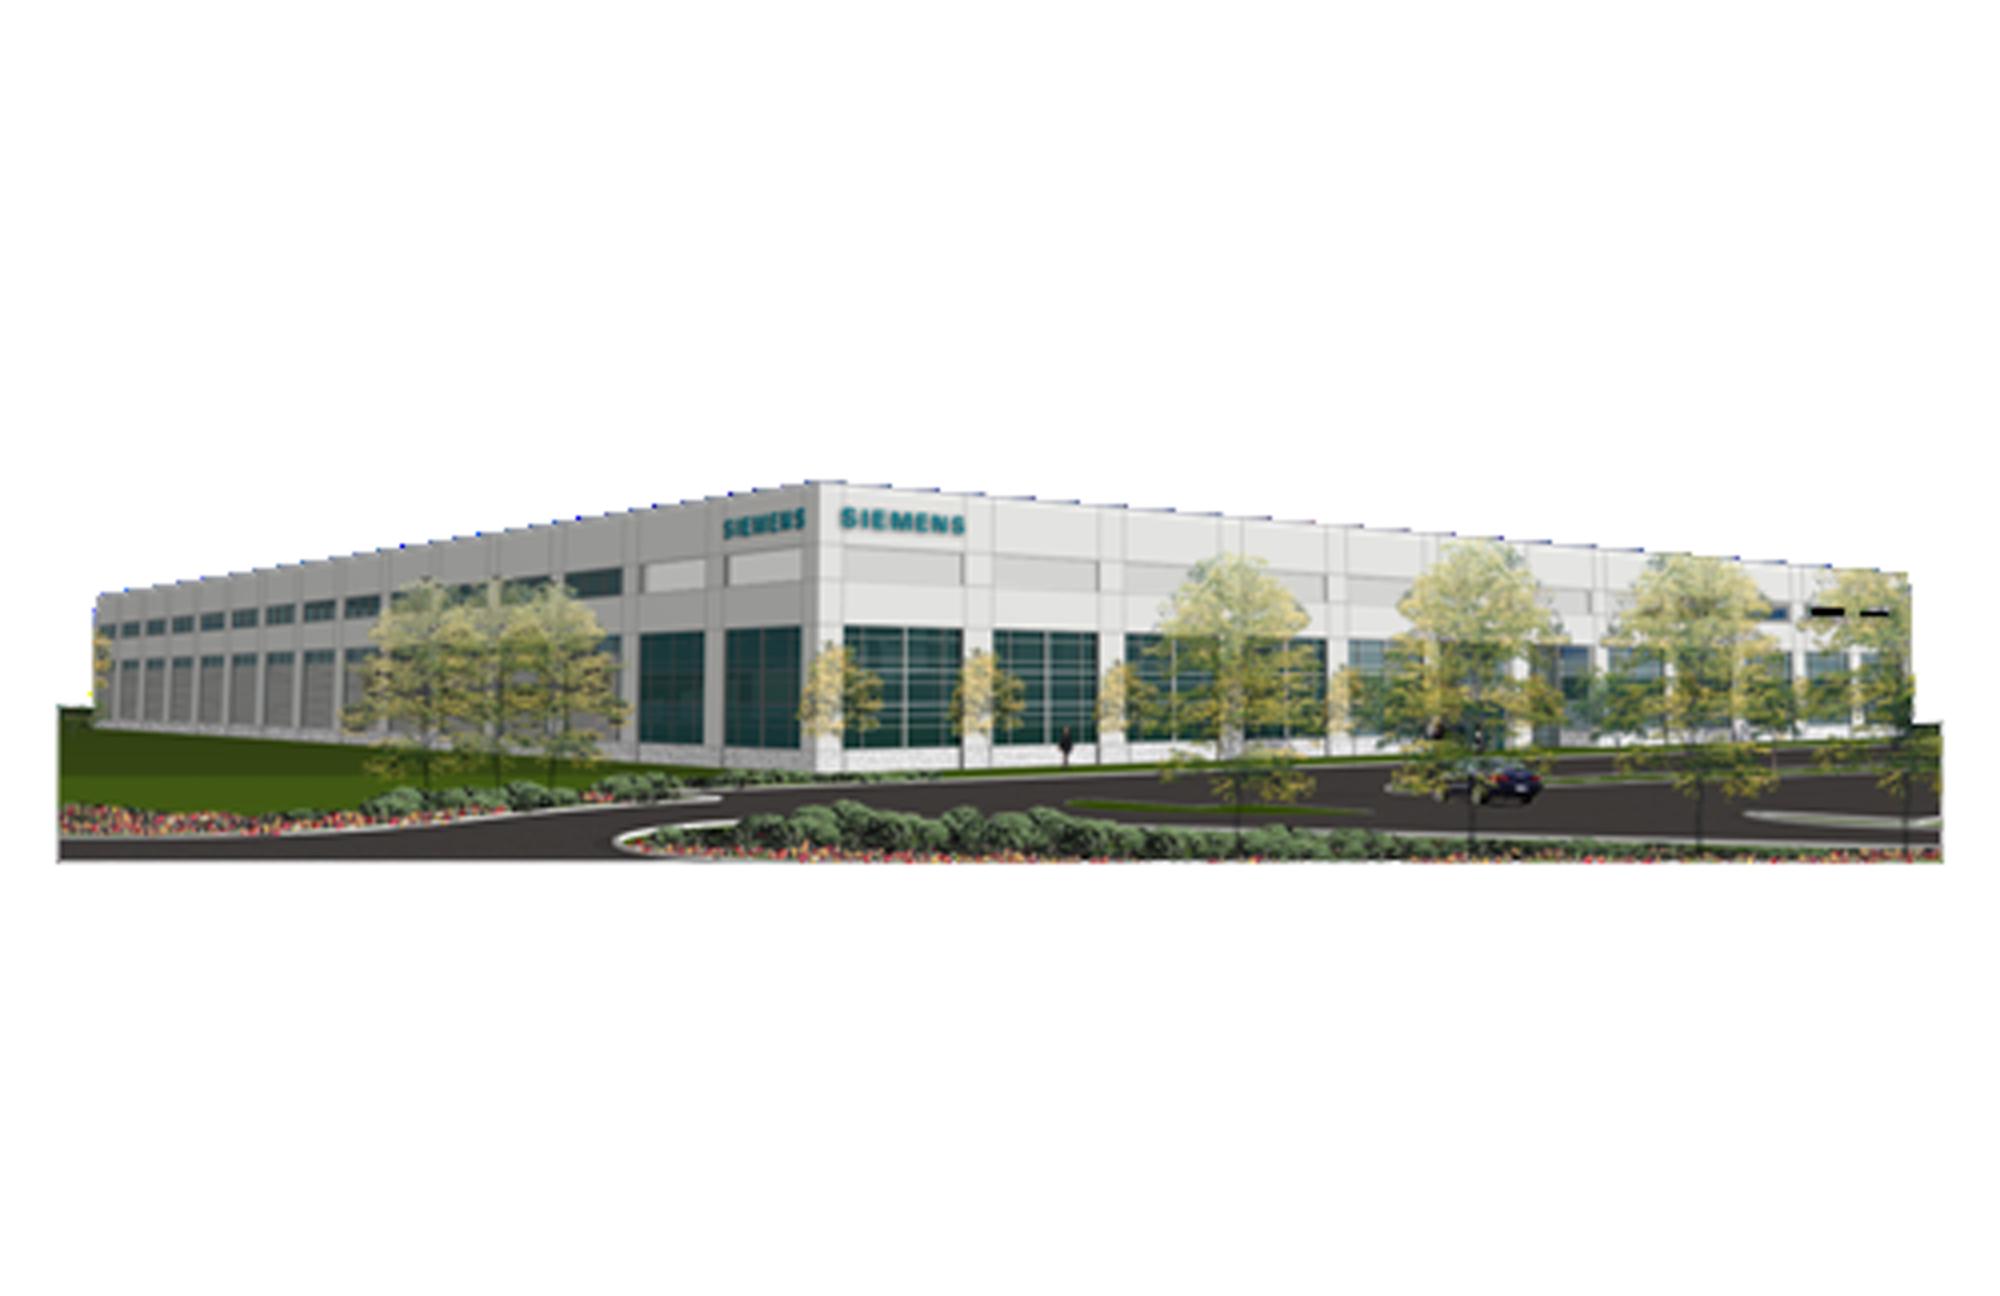 Siemens-view2.jpg